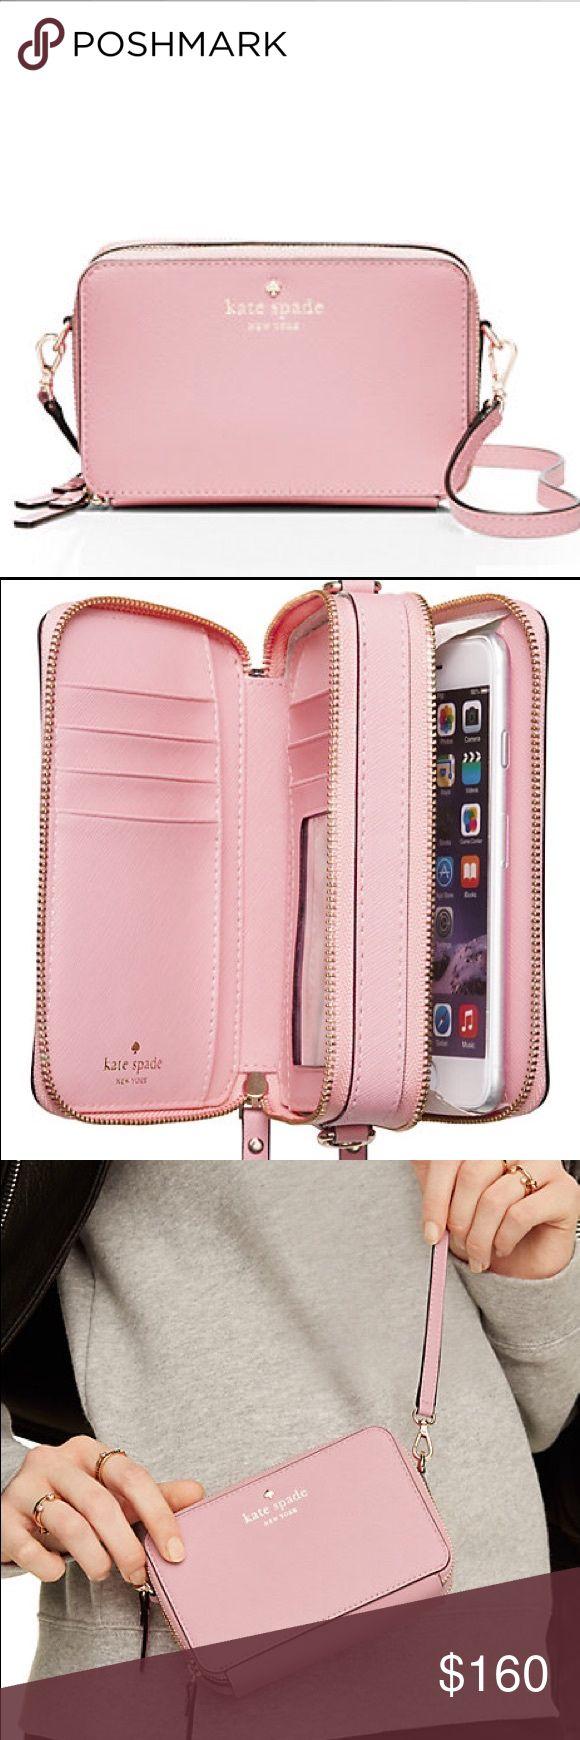 Kate Spade Cedar Street purse